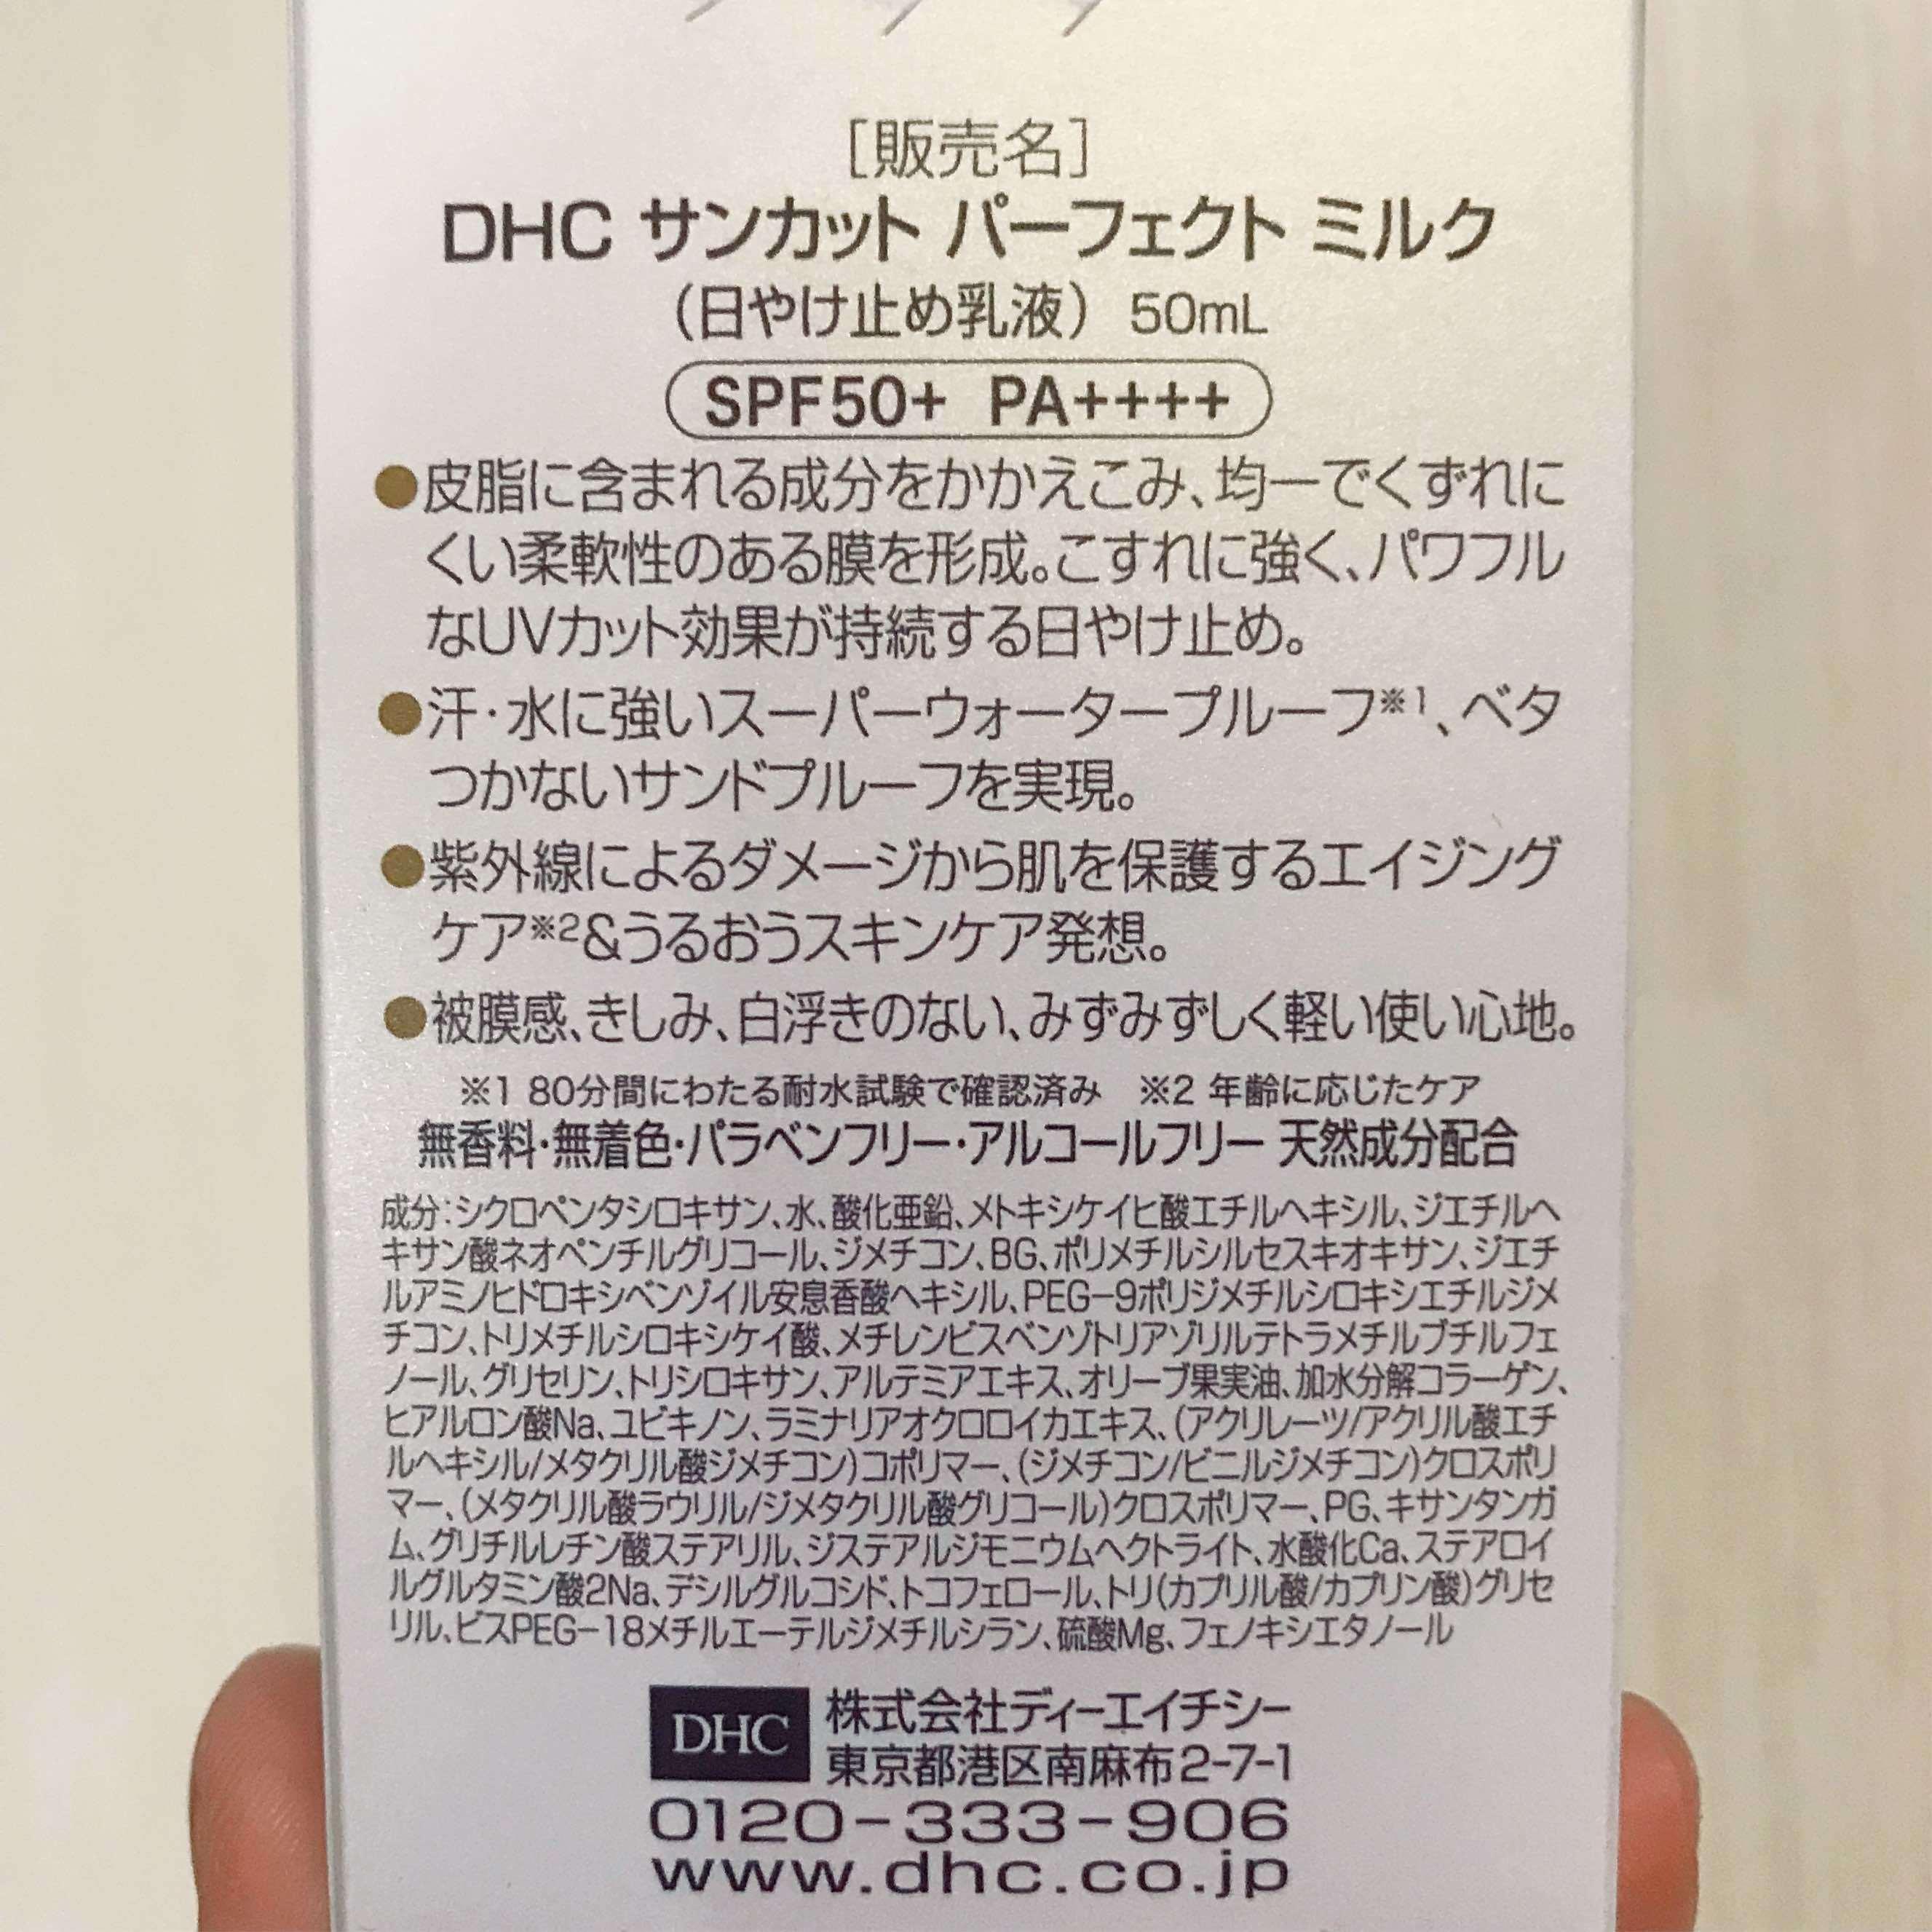 【必須アイテム】DHCミルクUV_1_2-2